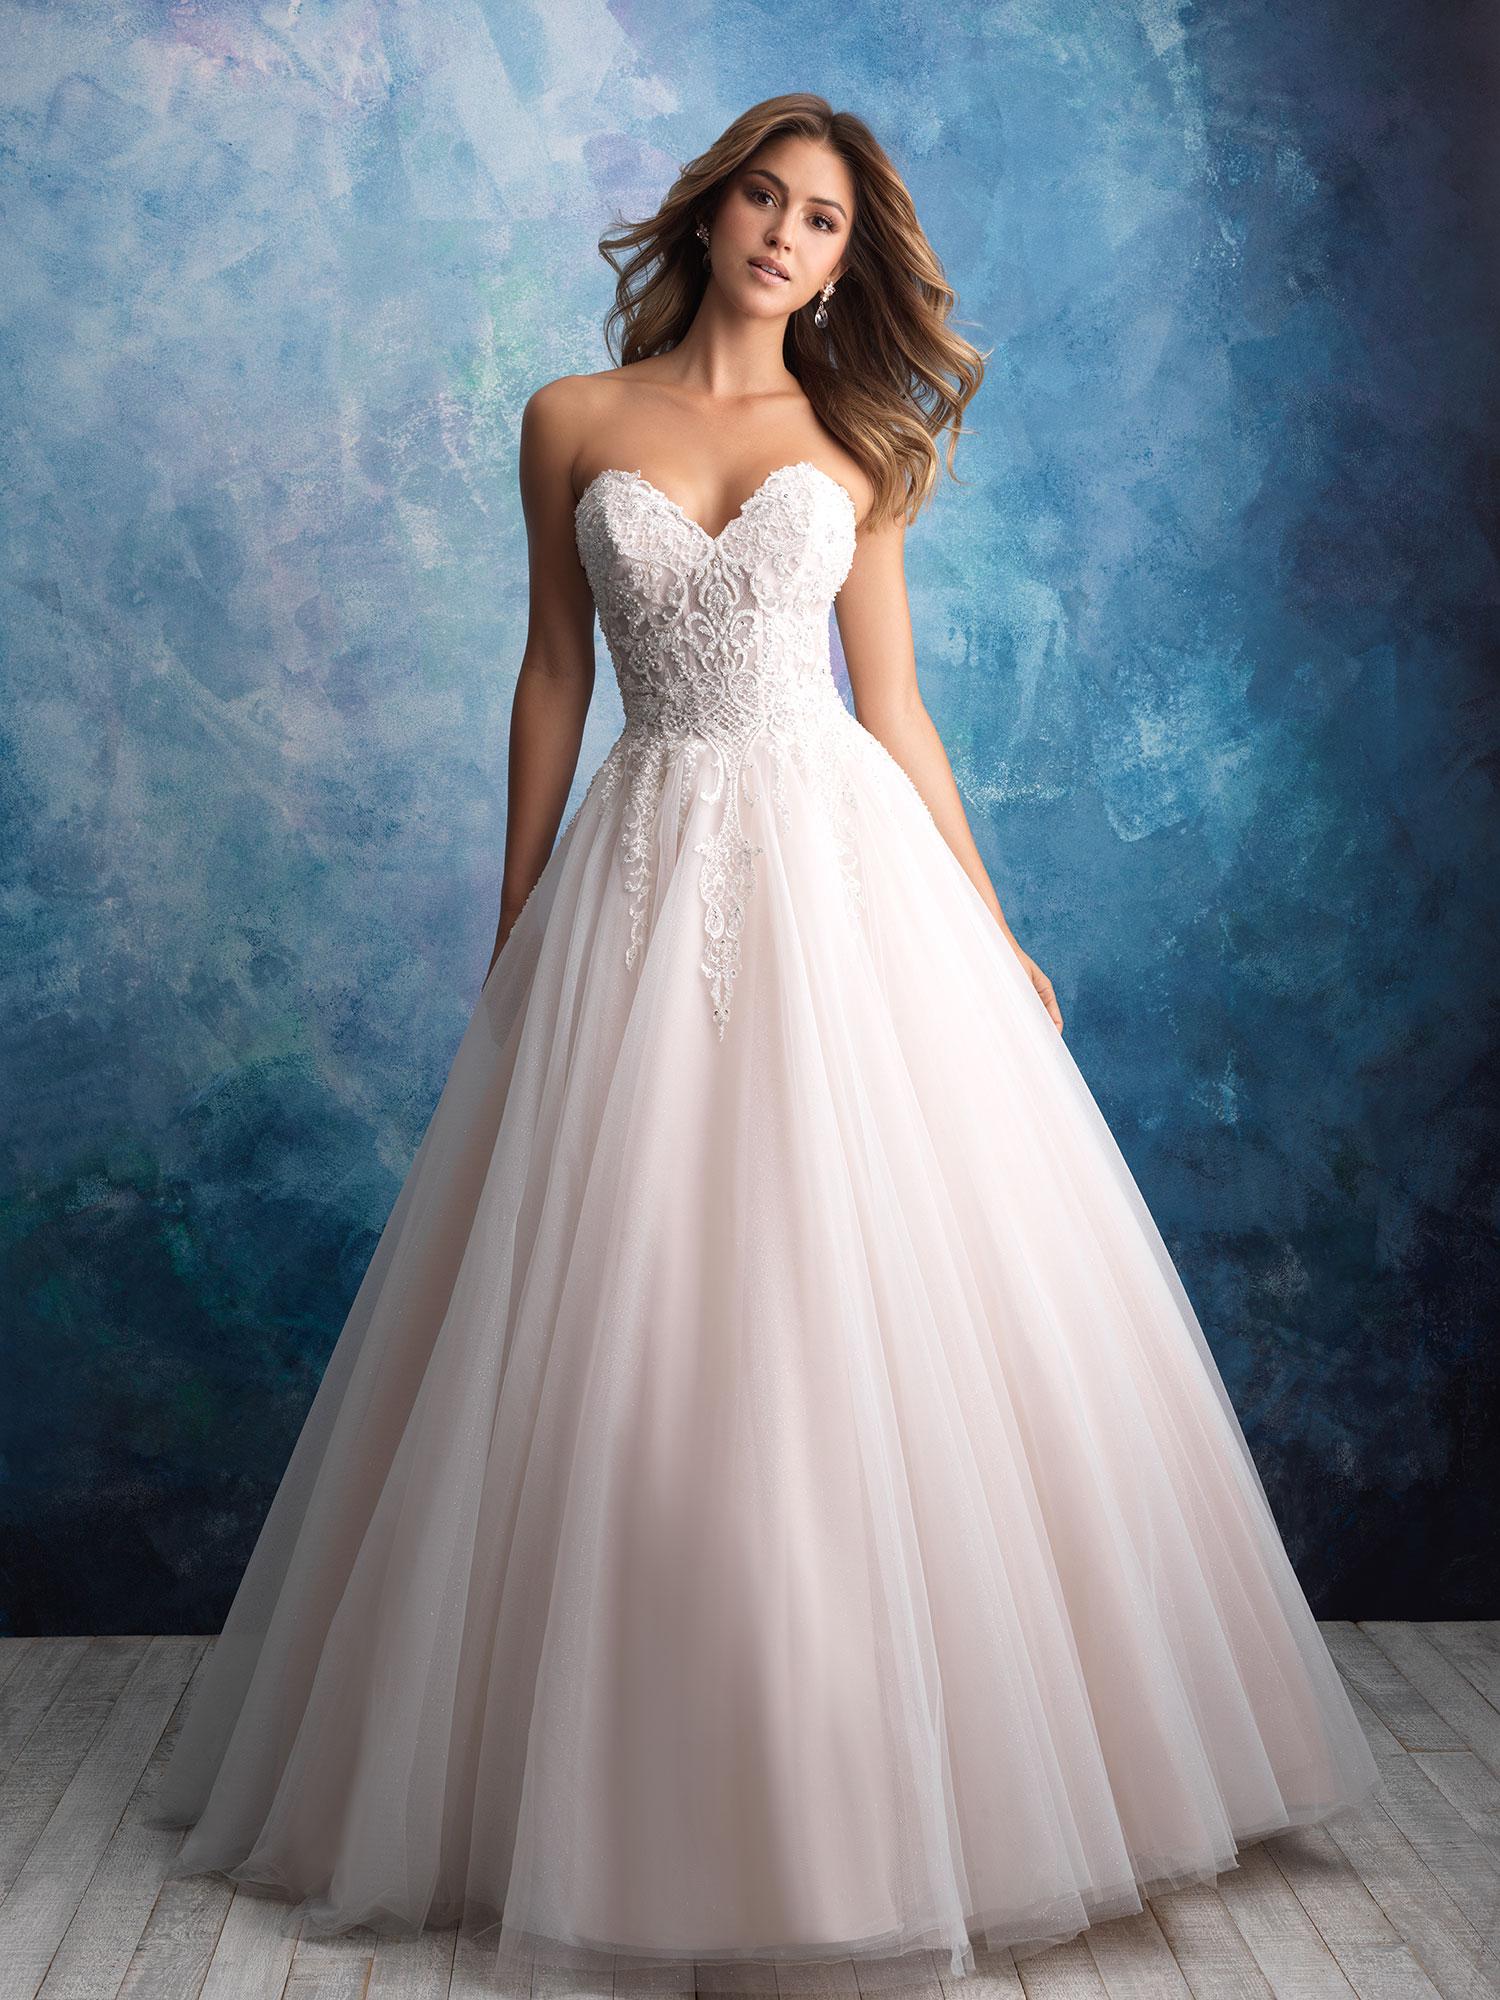 Strapless Tulle Ballgown Wedding Dress